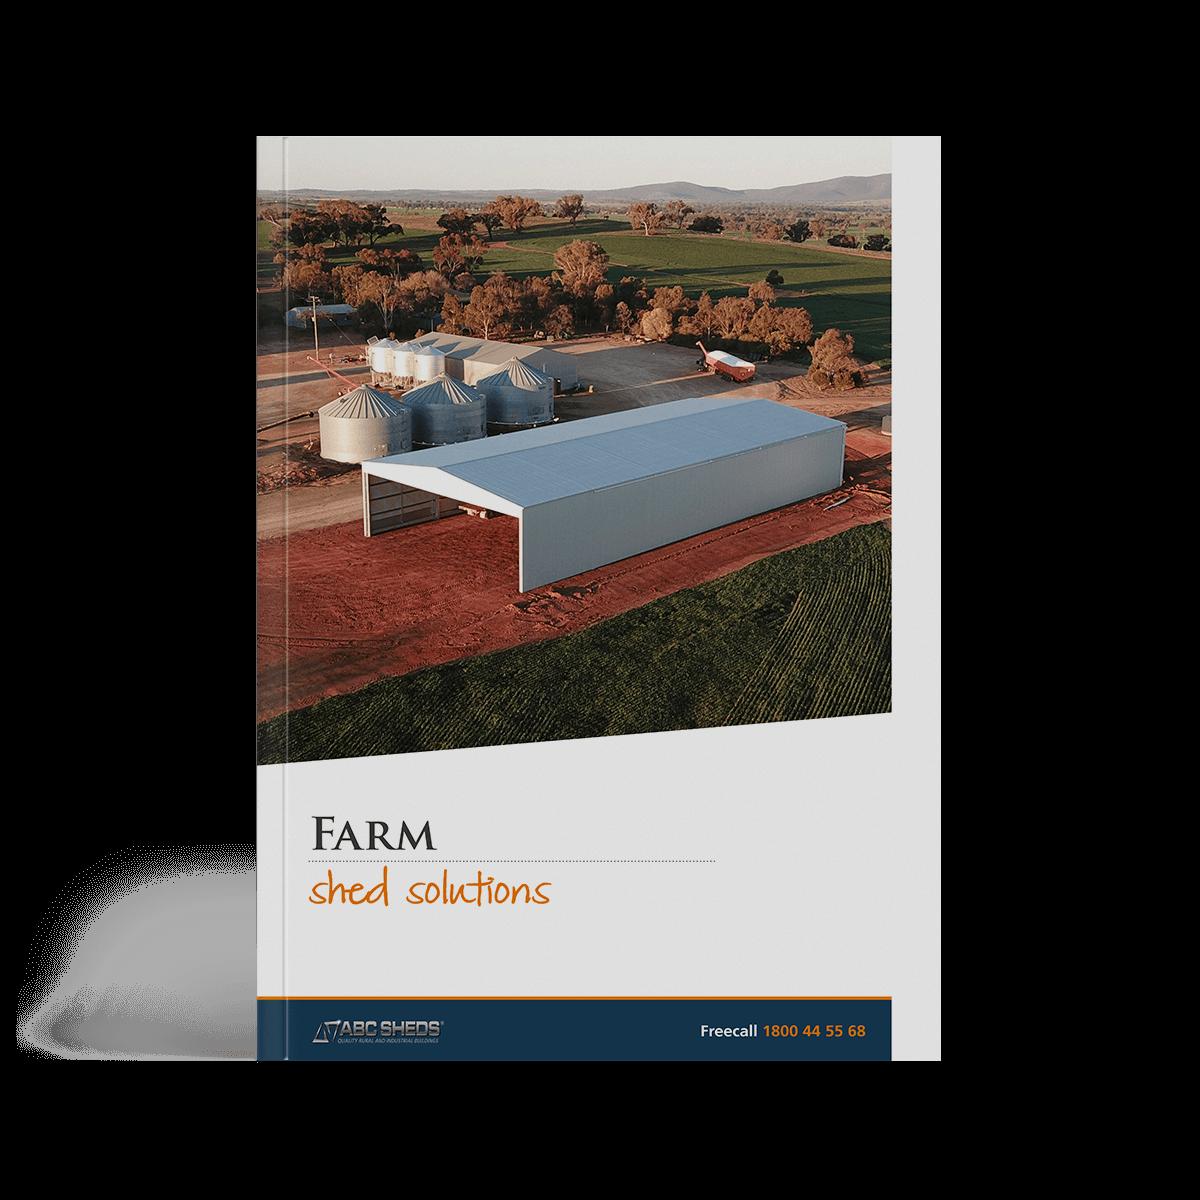 ABC Sheds farm sheds brochure